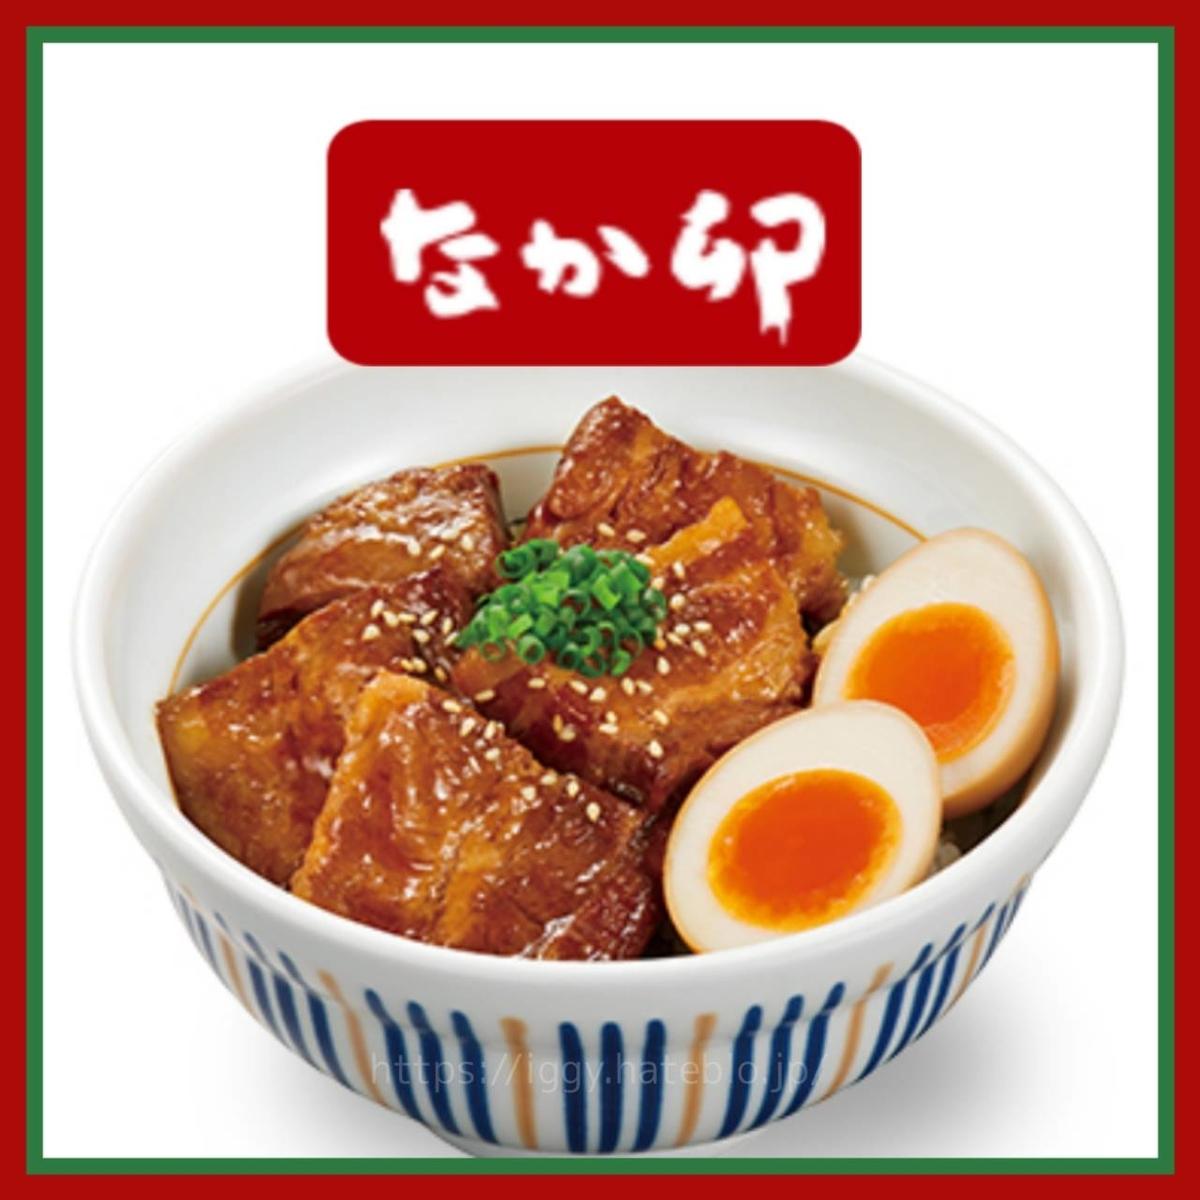 なか卯 新発売「豚角煮丼」 LIFE